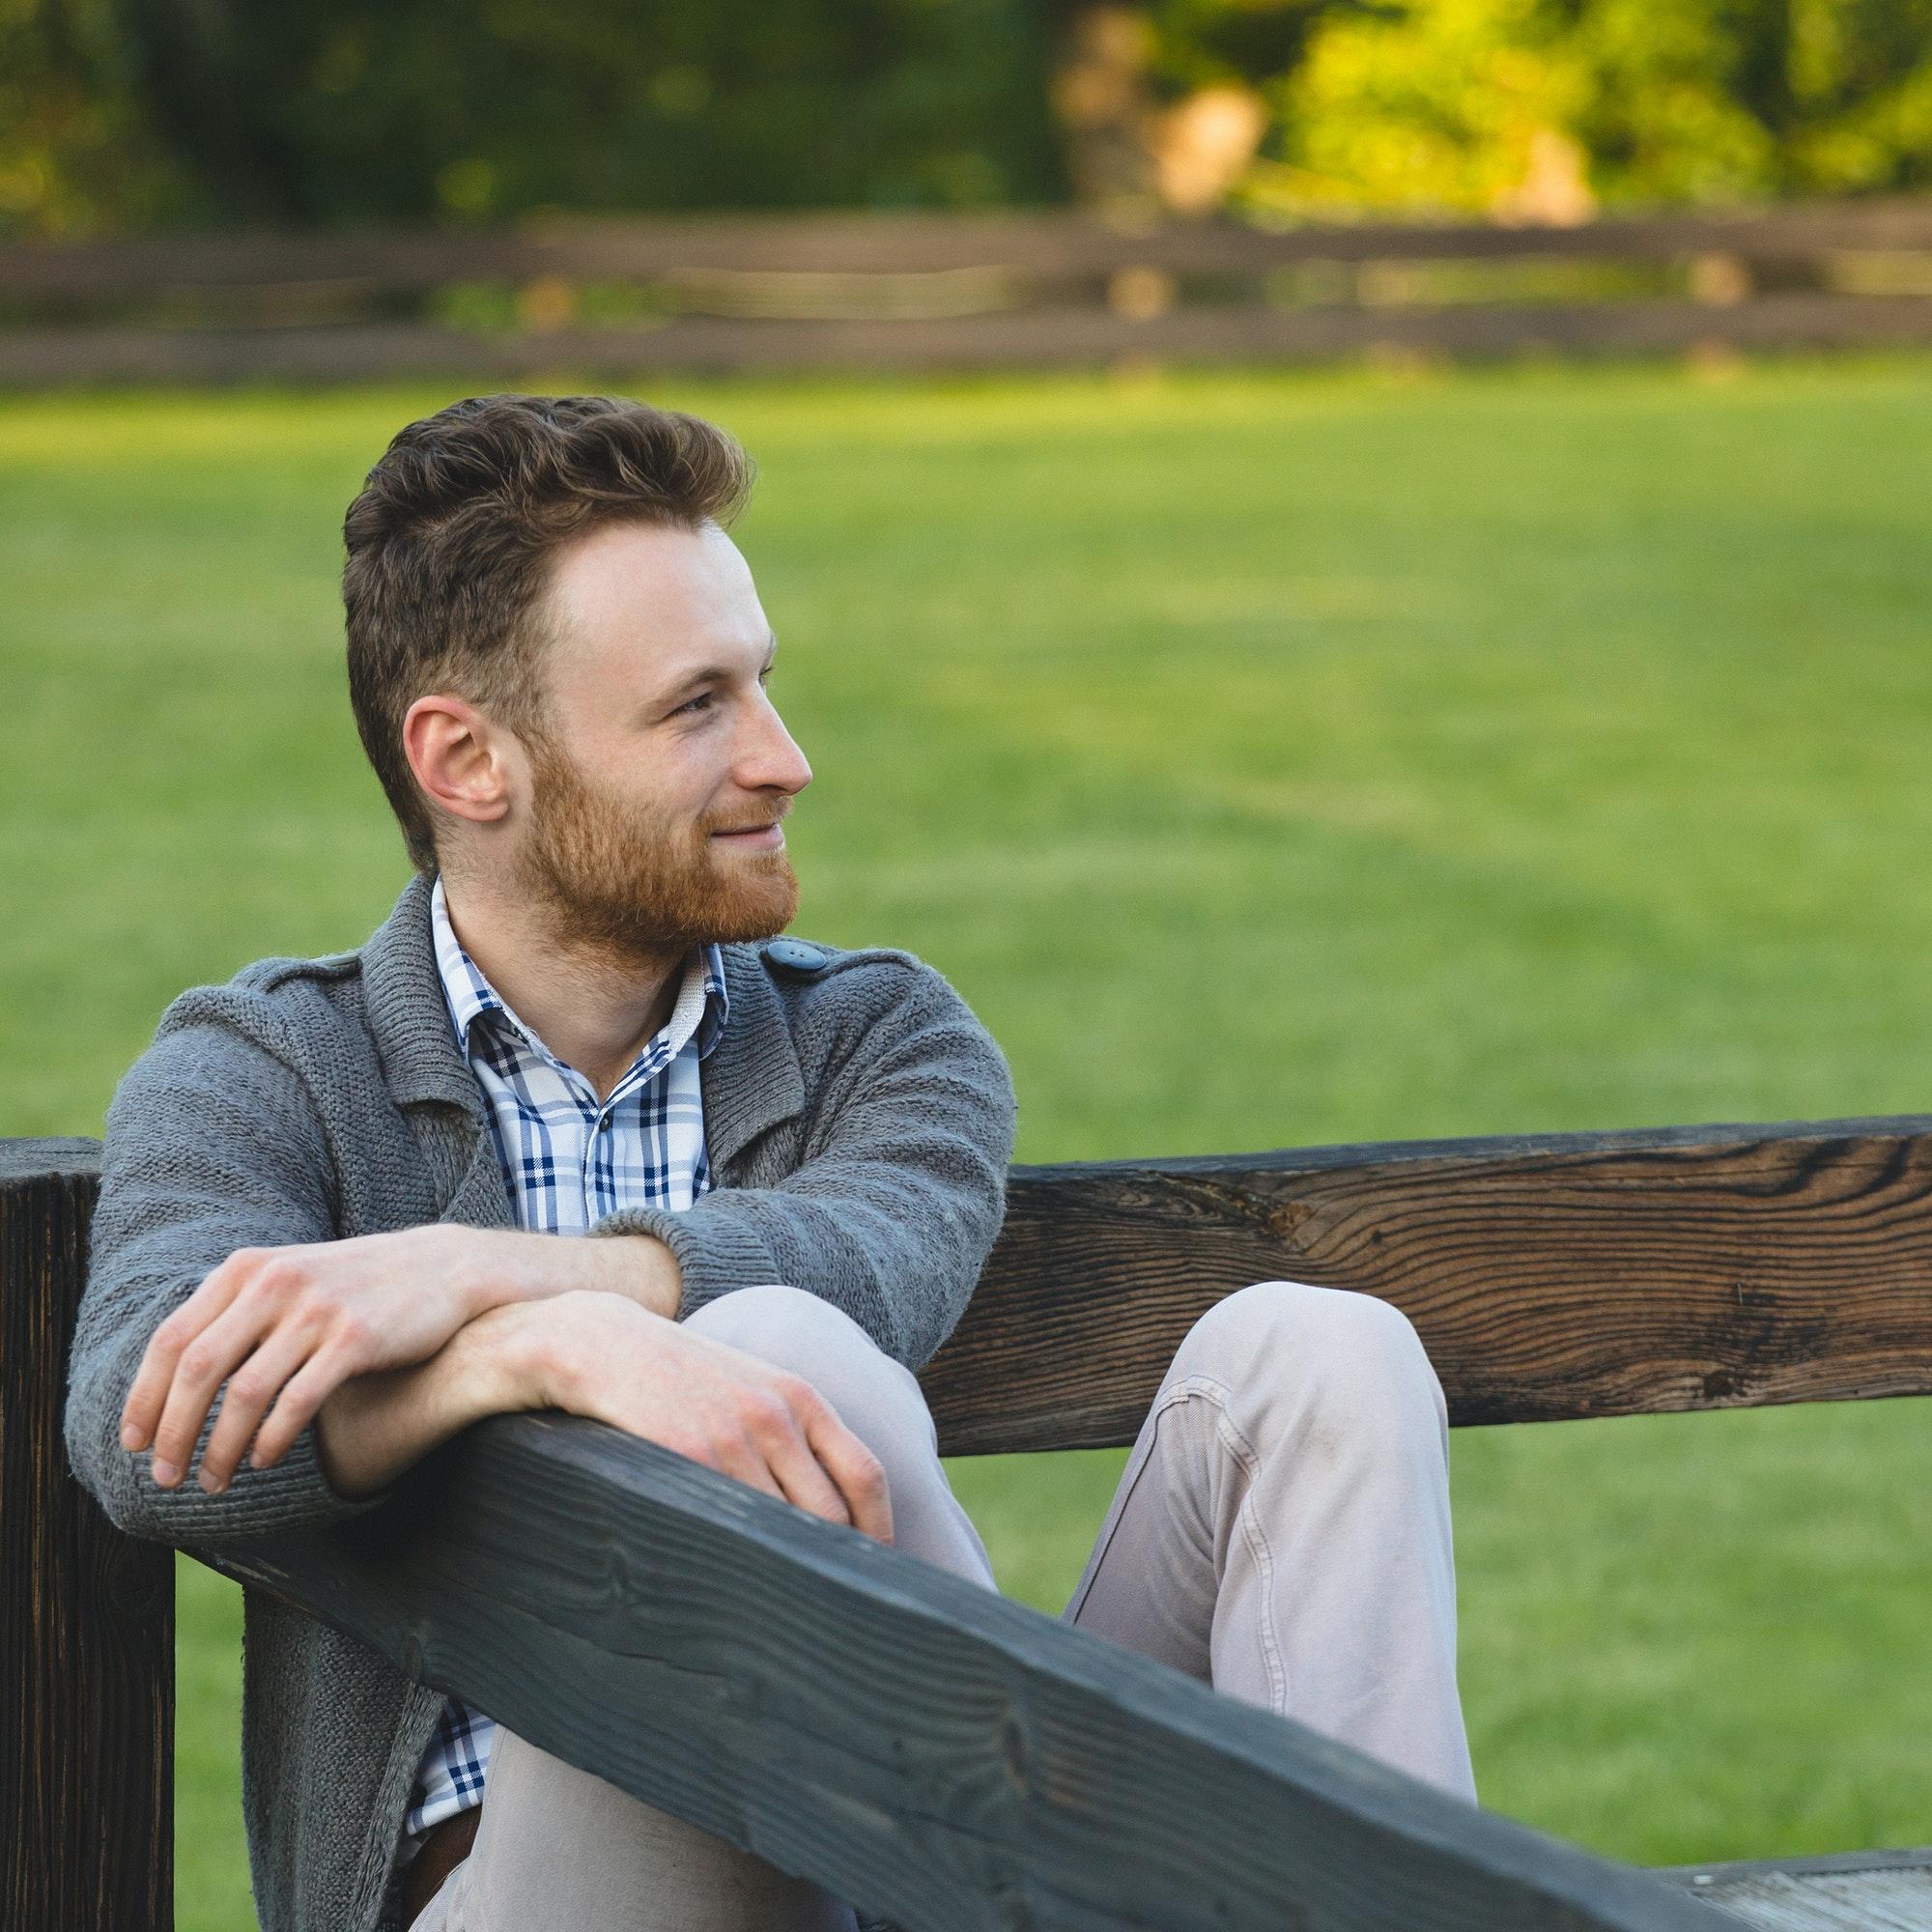 portrait d'un homme assis dans un parc